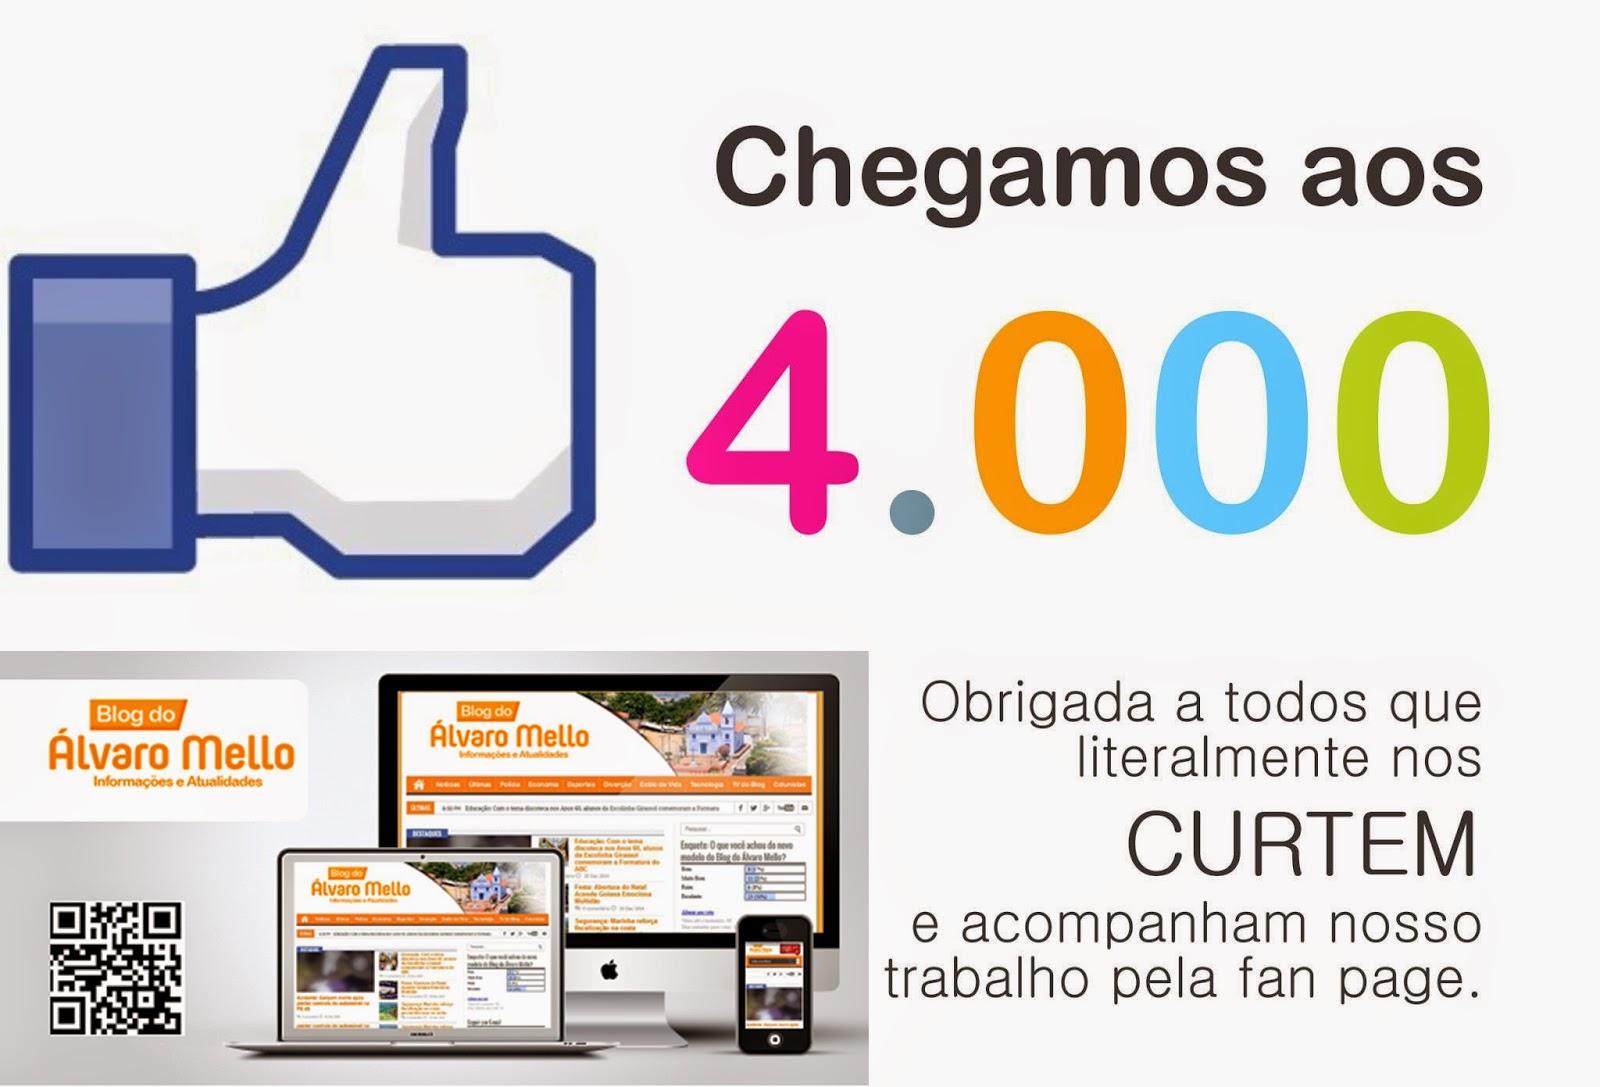 Ultrapassamos mais de 4 mil curtidas em nossa fan page obrigado a todos